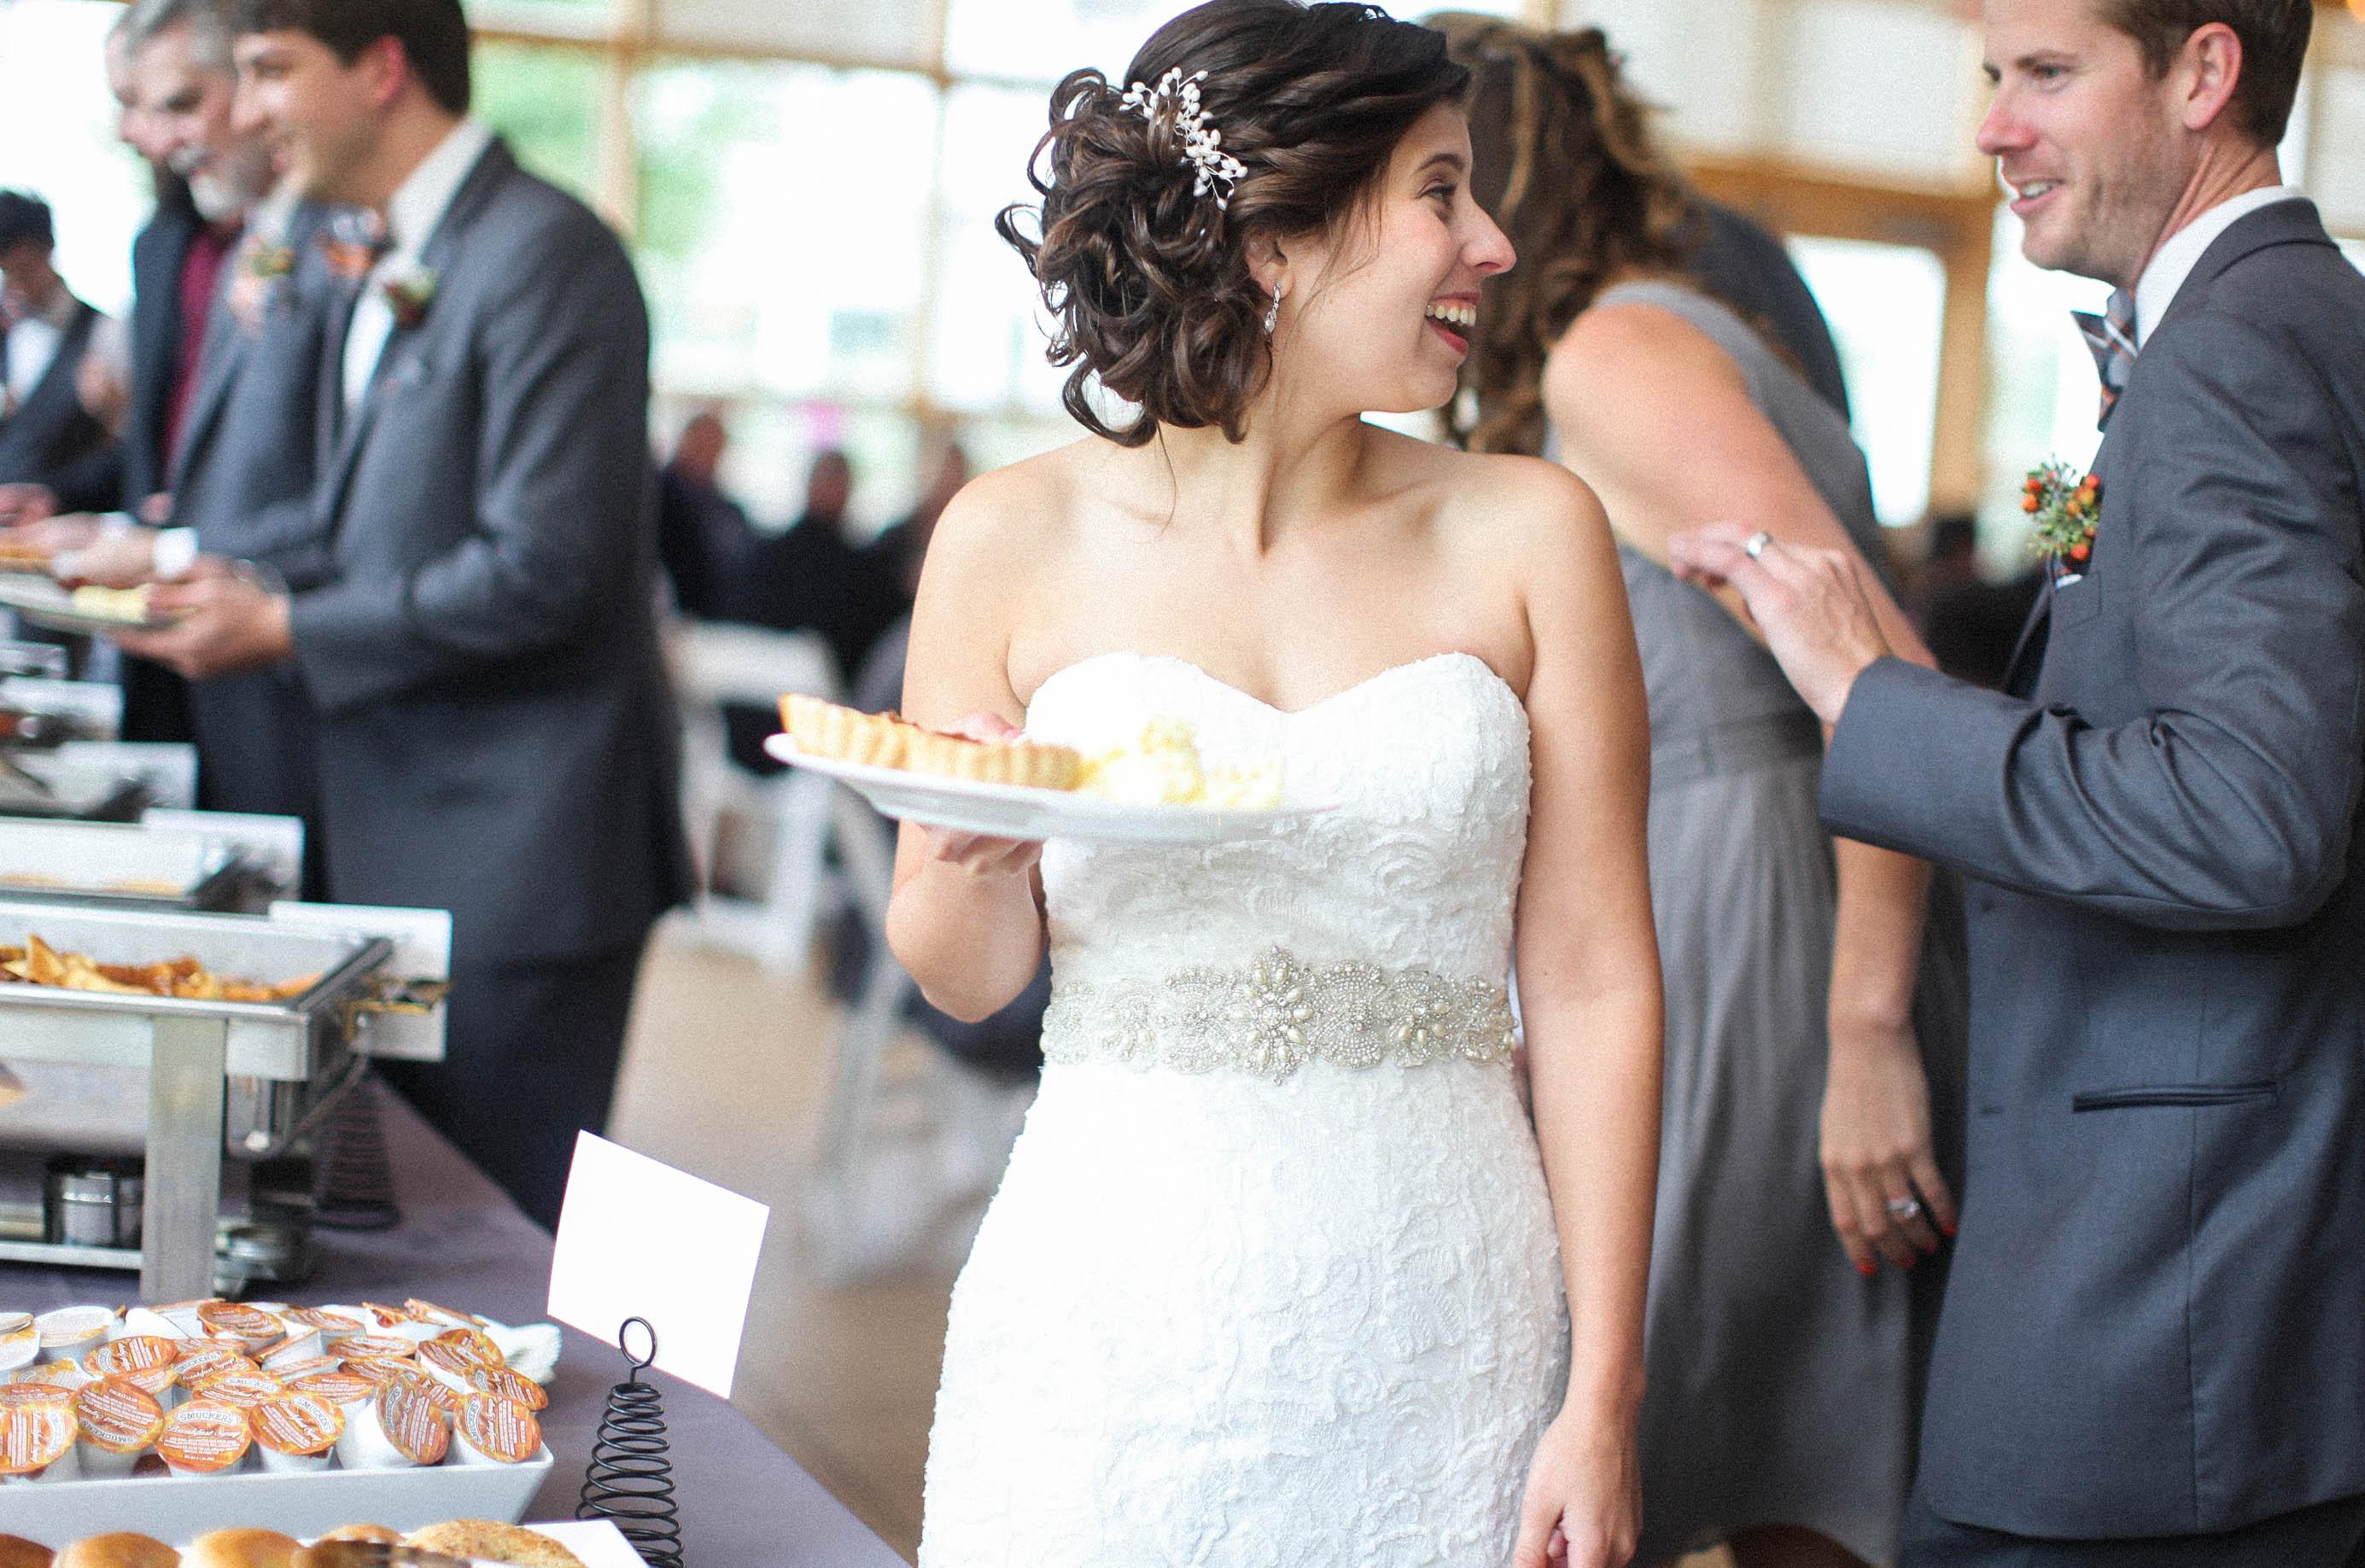 Bride in the Breakfast or Brunch Buffet Line